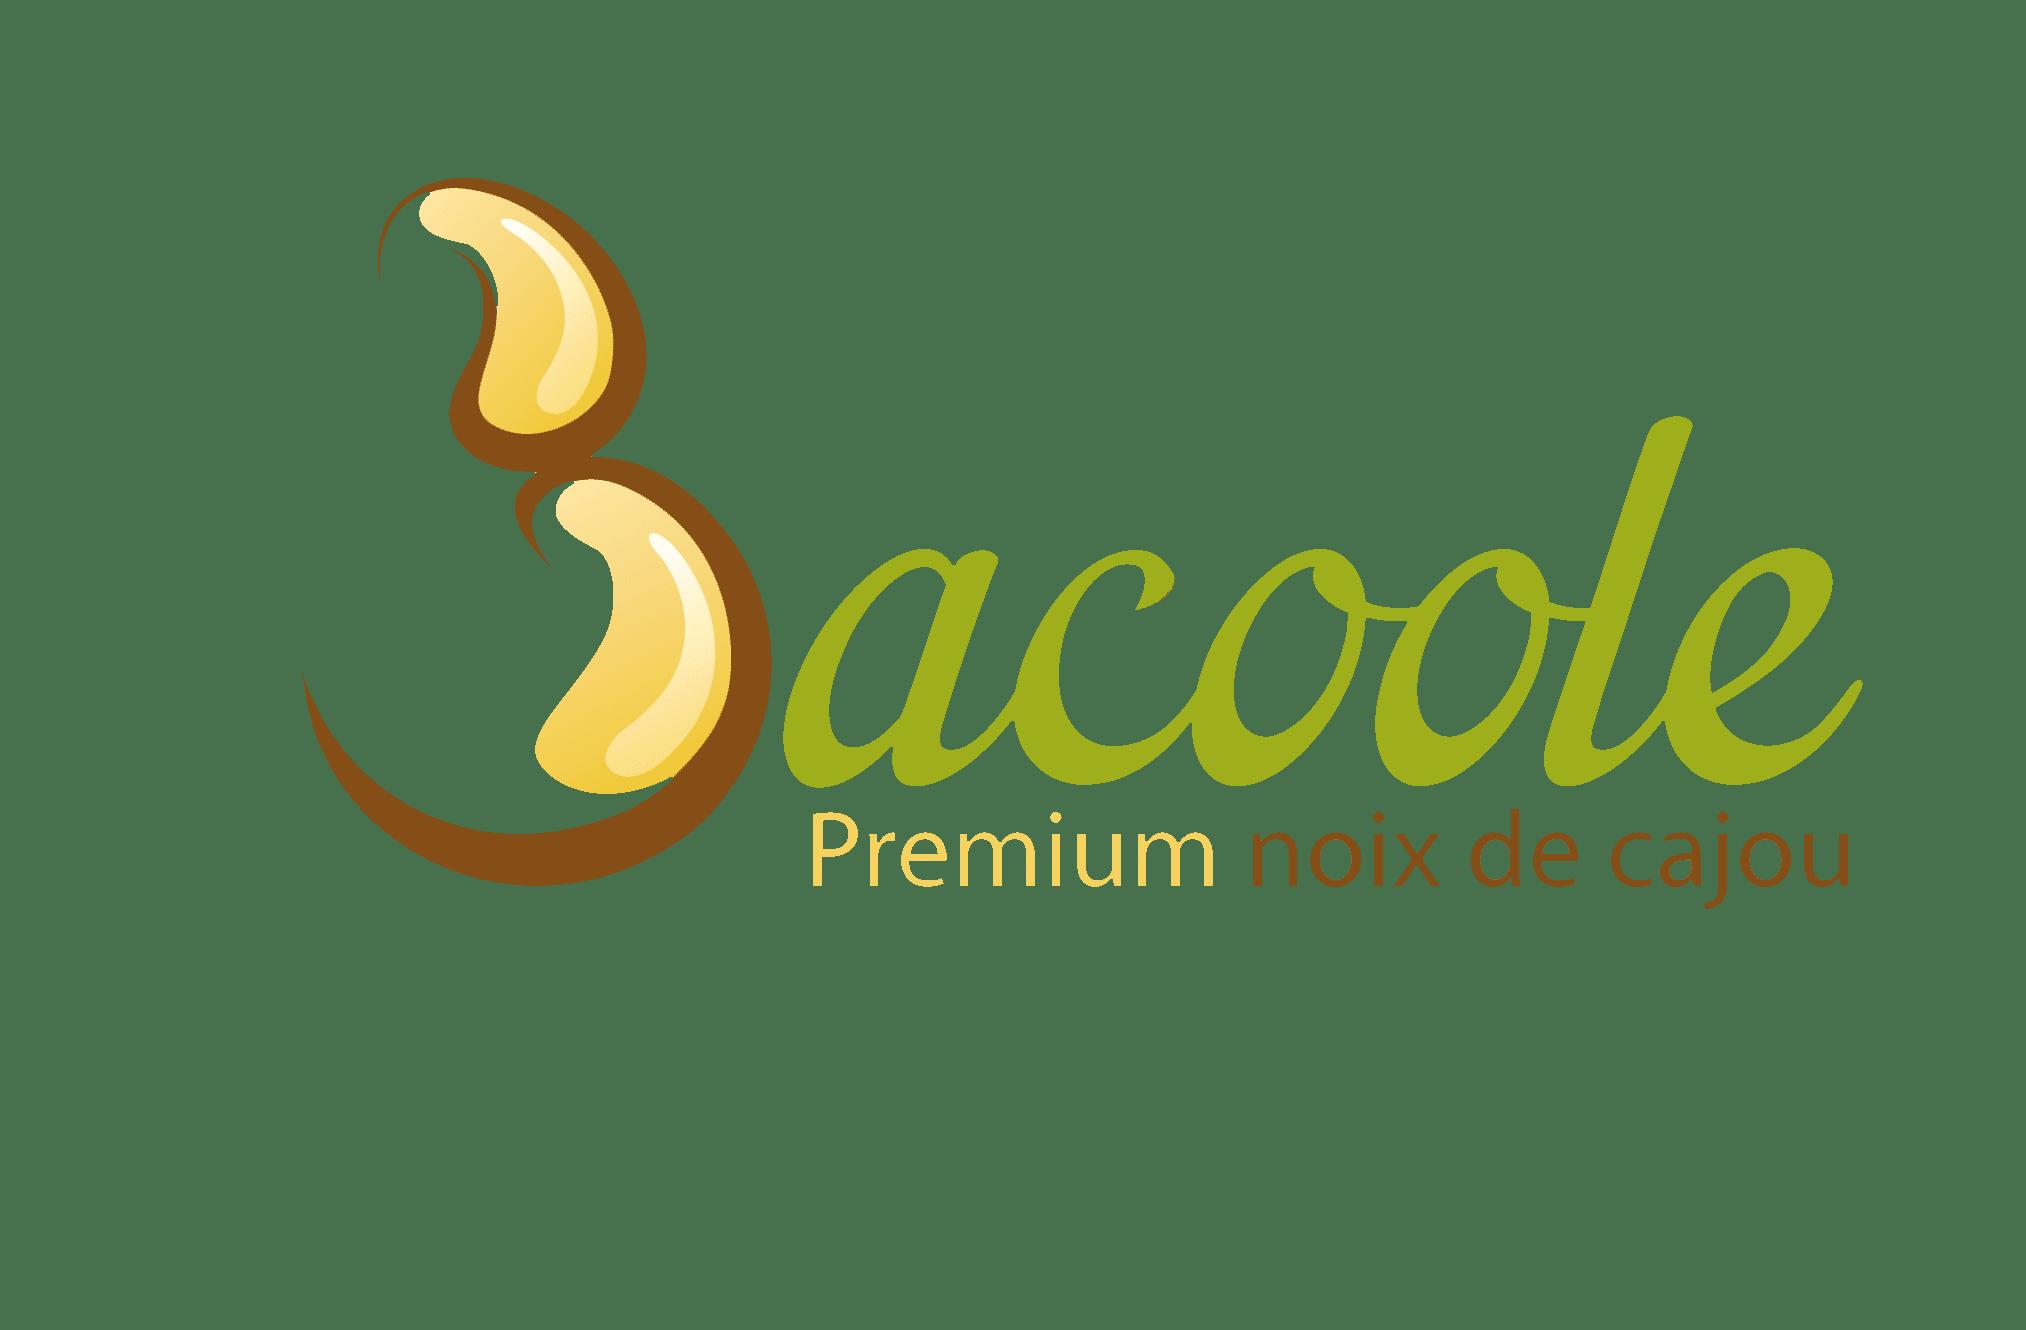 Logo Bacoole Noix de cajou